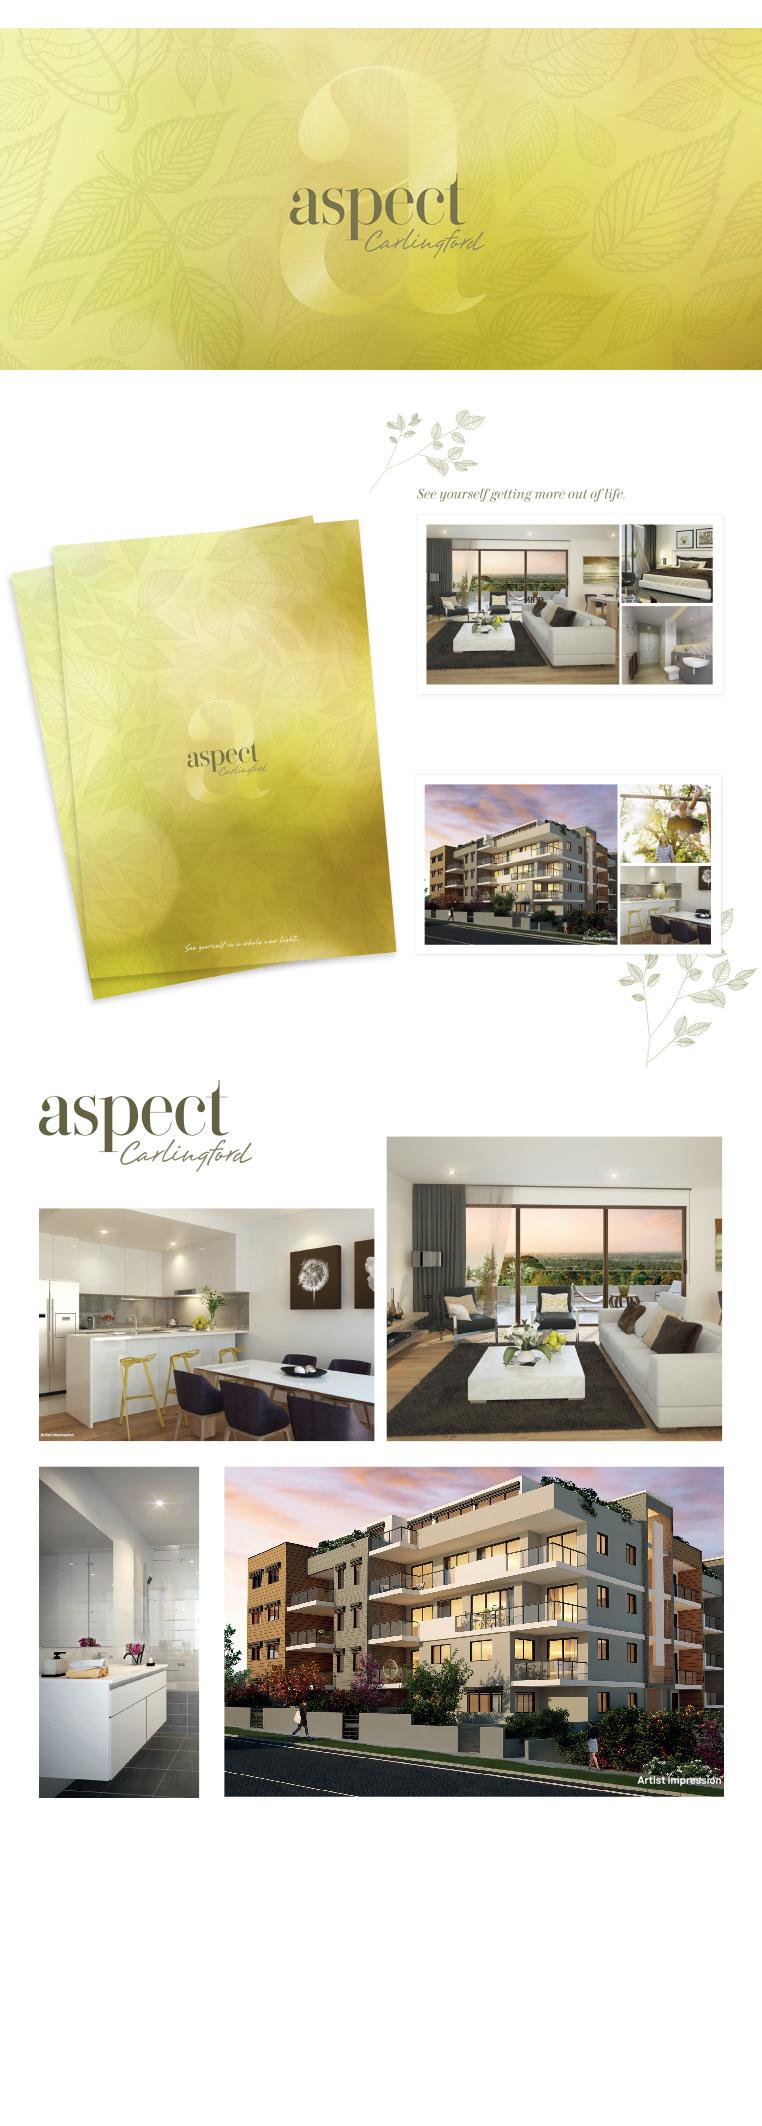 Aspect design